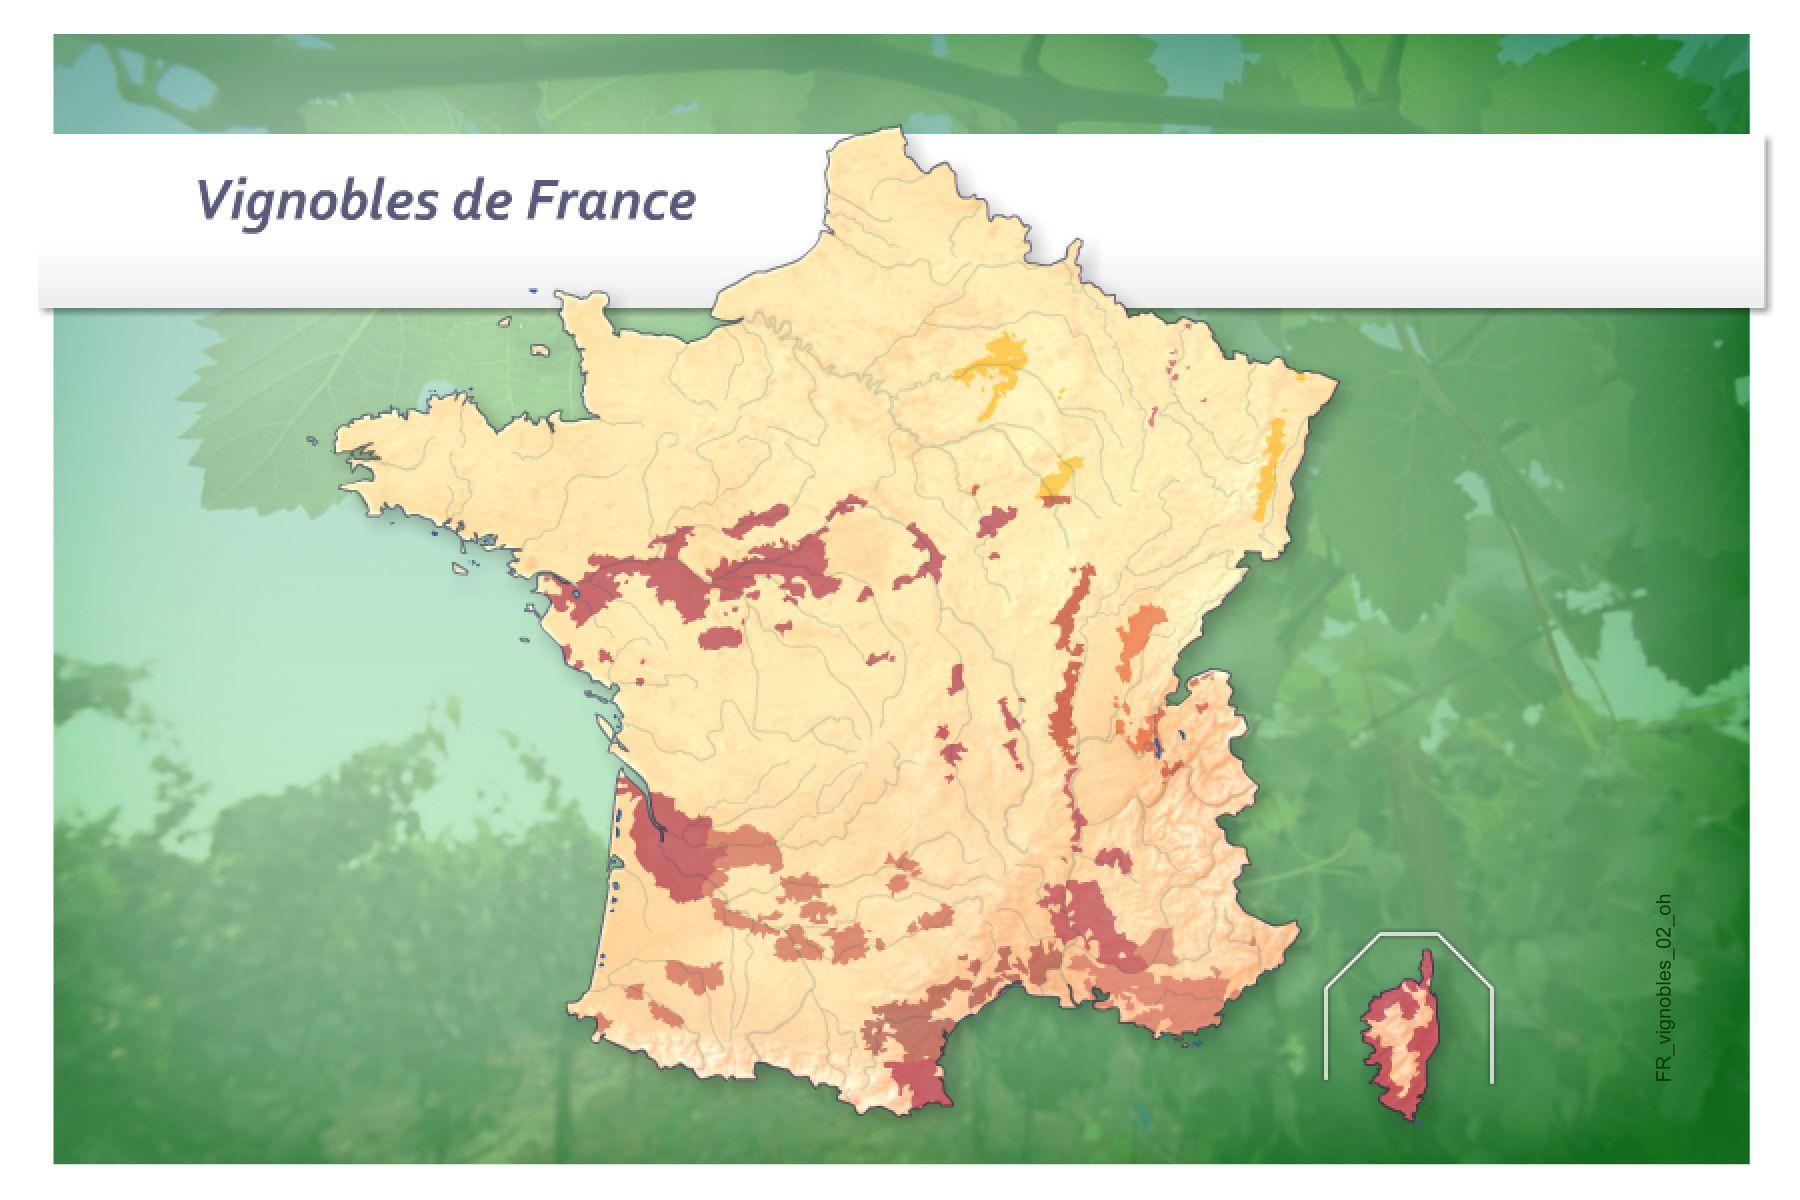 Jeux-Geographiques Jeux Gratuits Jeu Vignobles De France destiné Jeux Geographique Ville De France